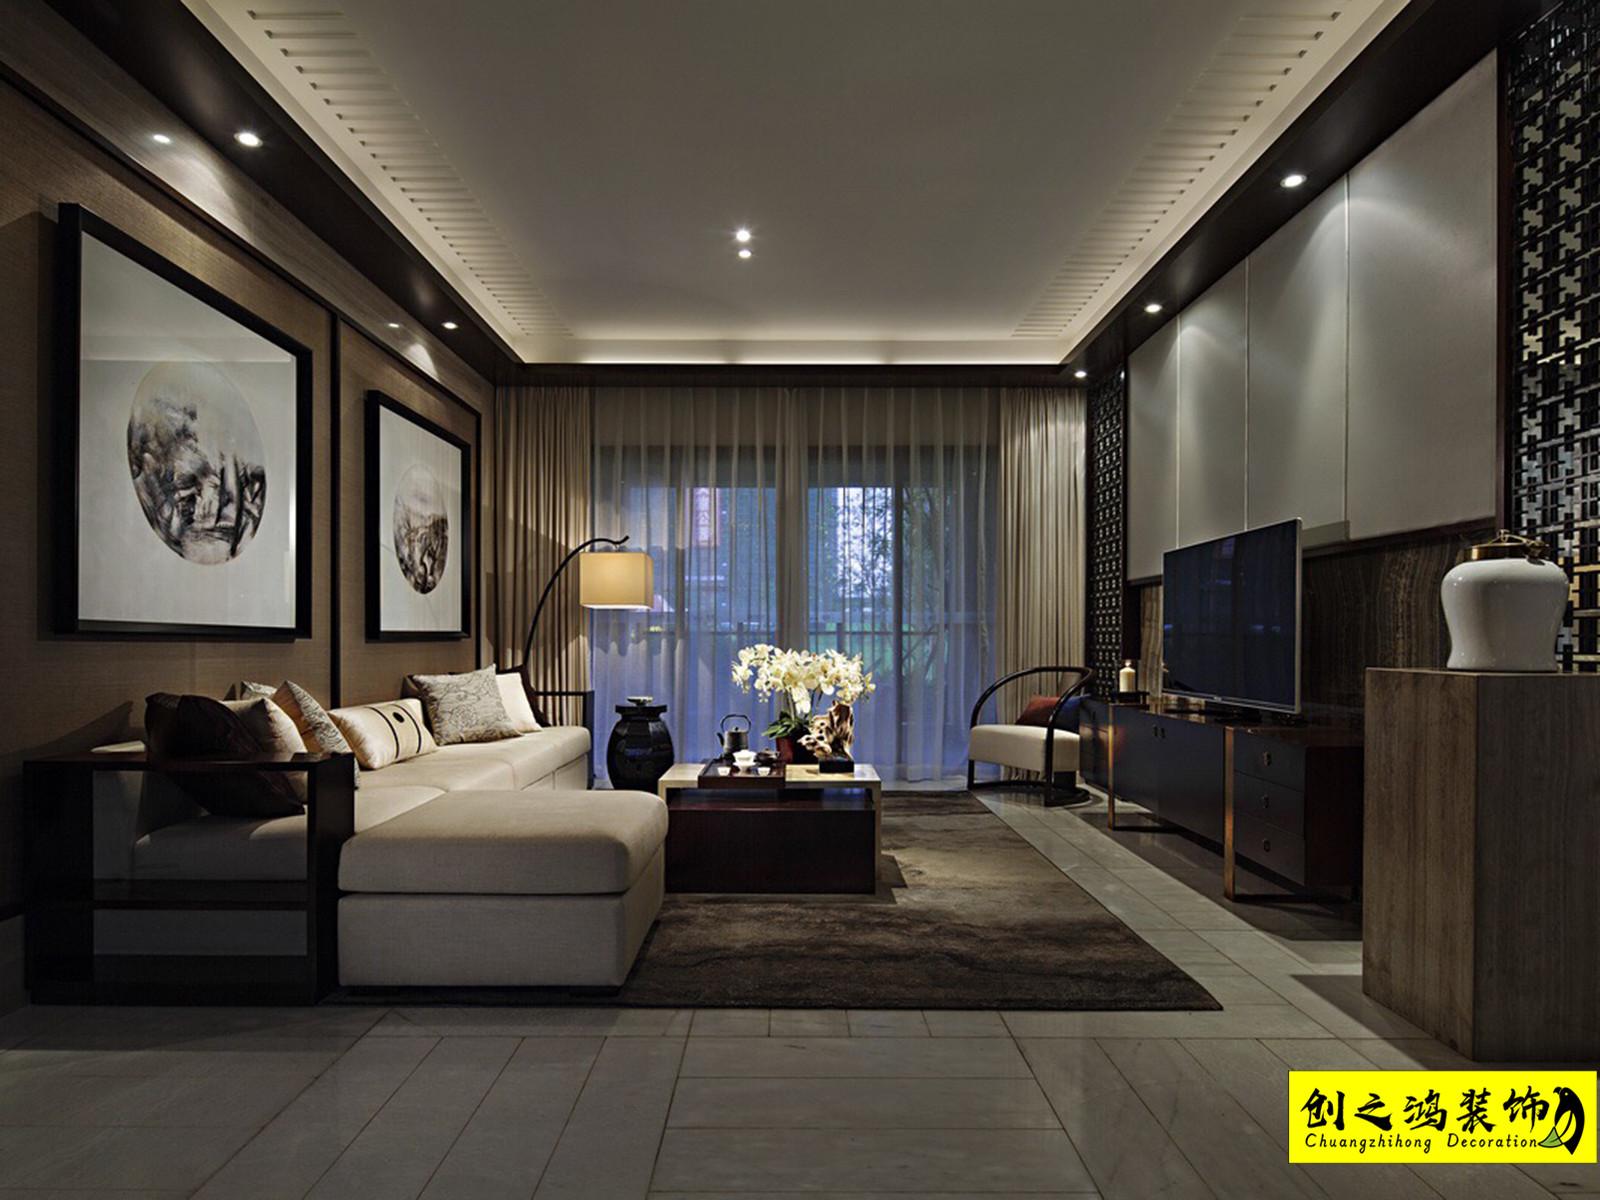 150㎡金地艺城瑞府四室两厅中式风格装修效果图